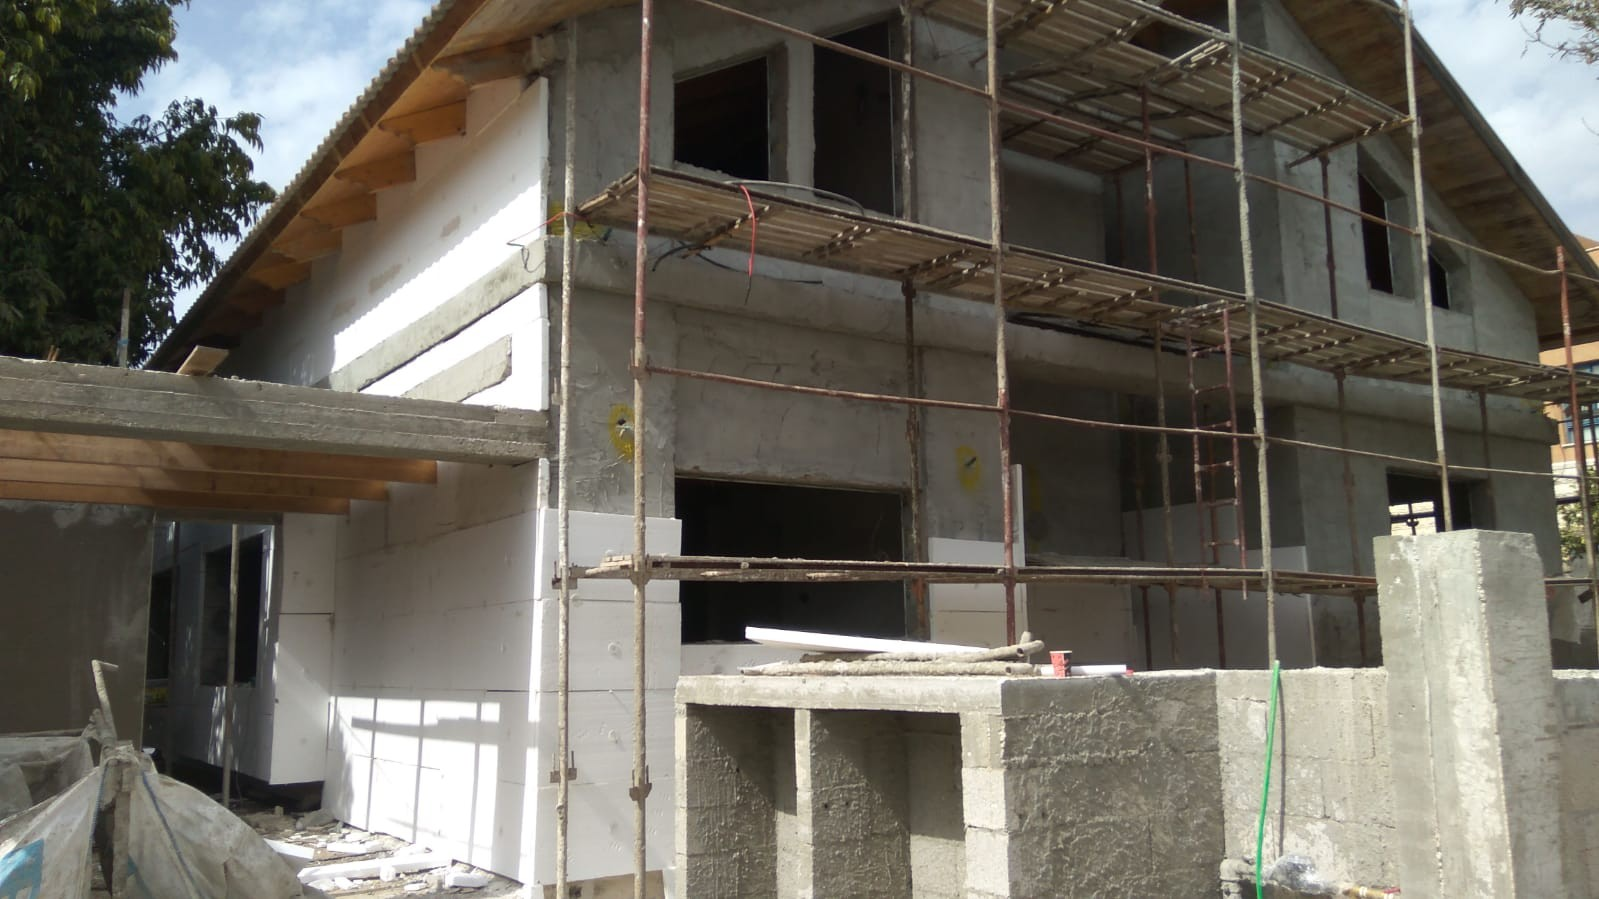 פןמבןרד - בידוד קירות